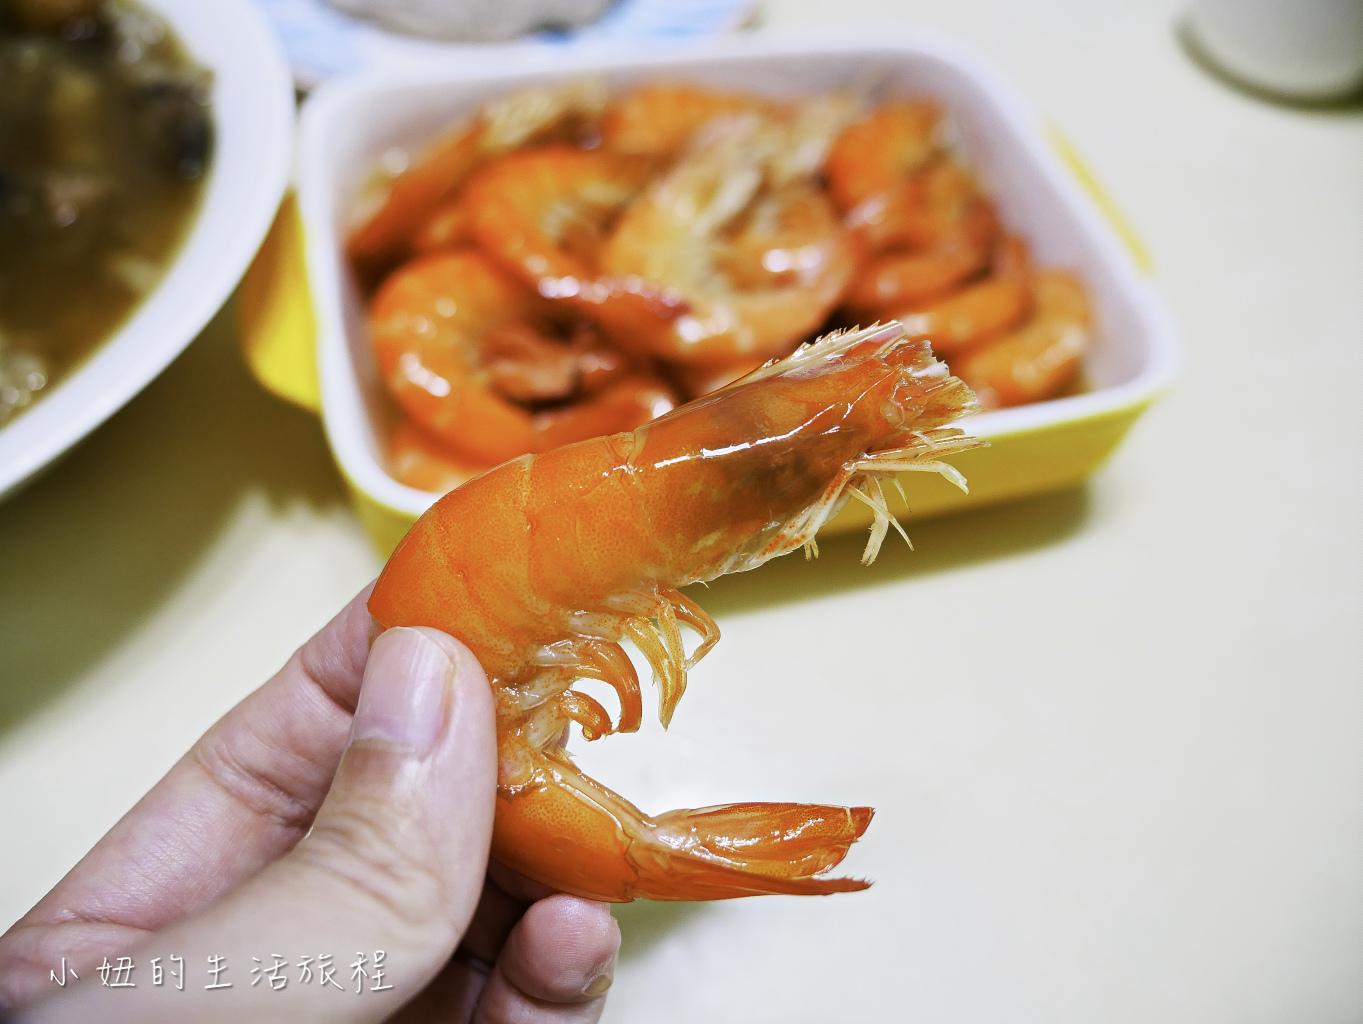 上海鄉村年菜2019-16.jpg